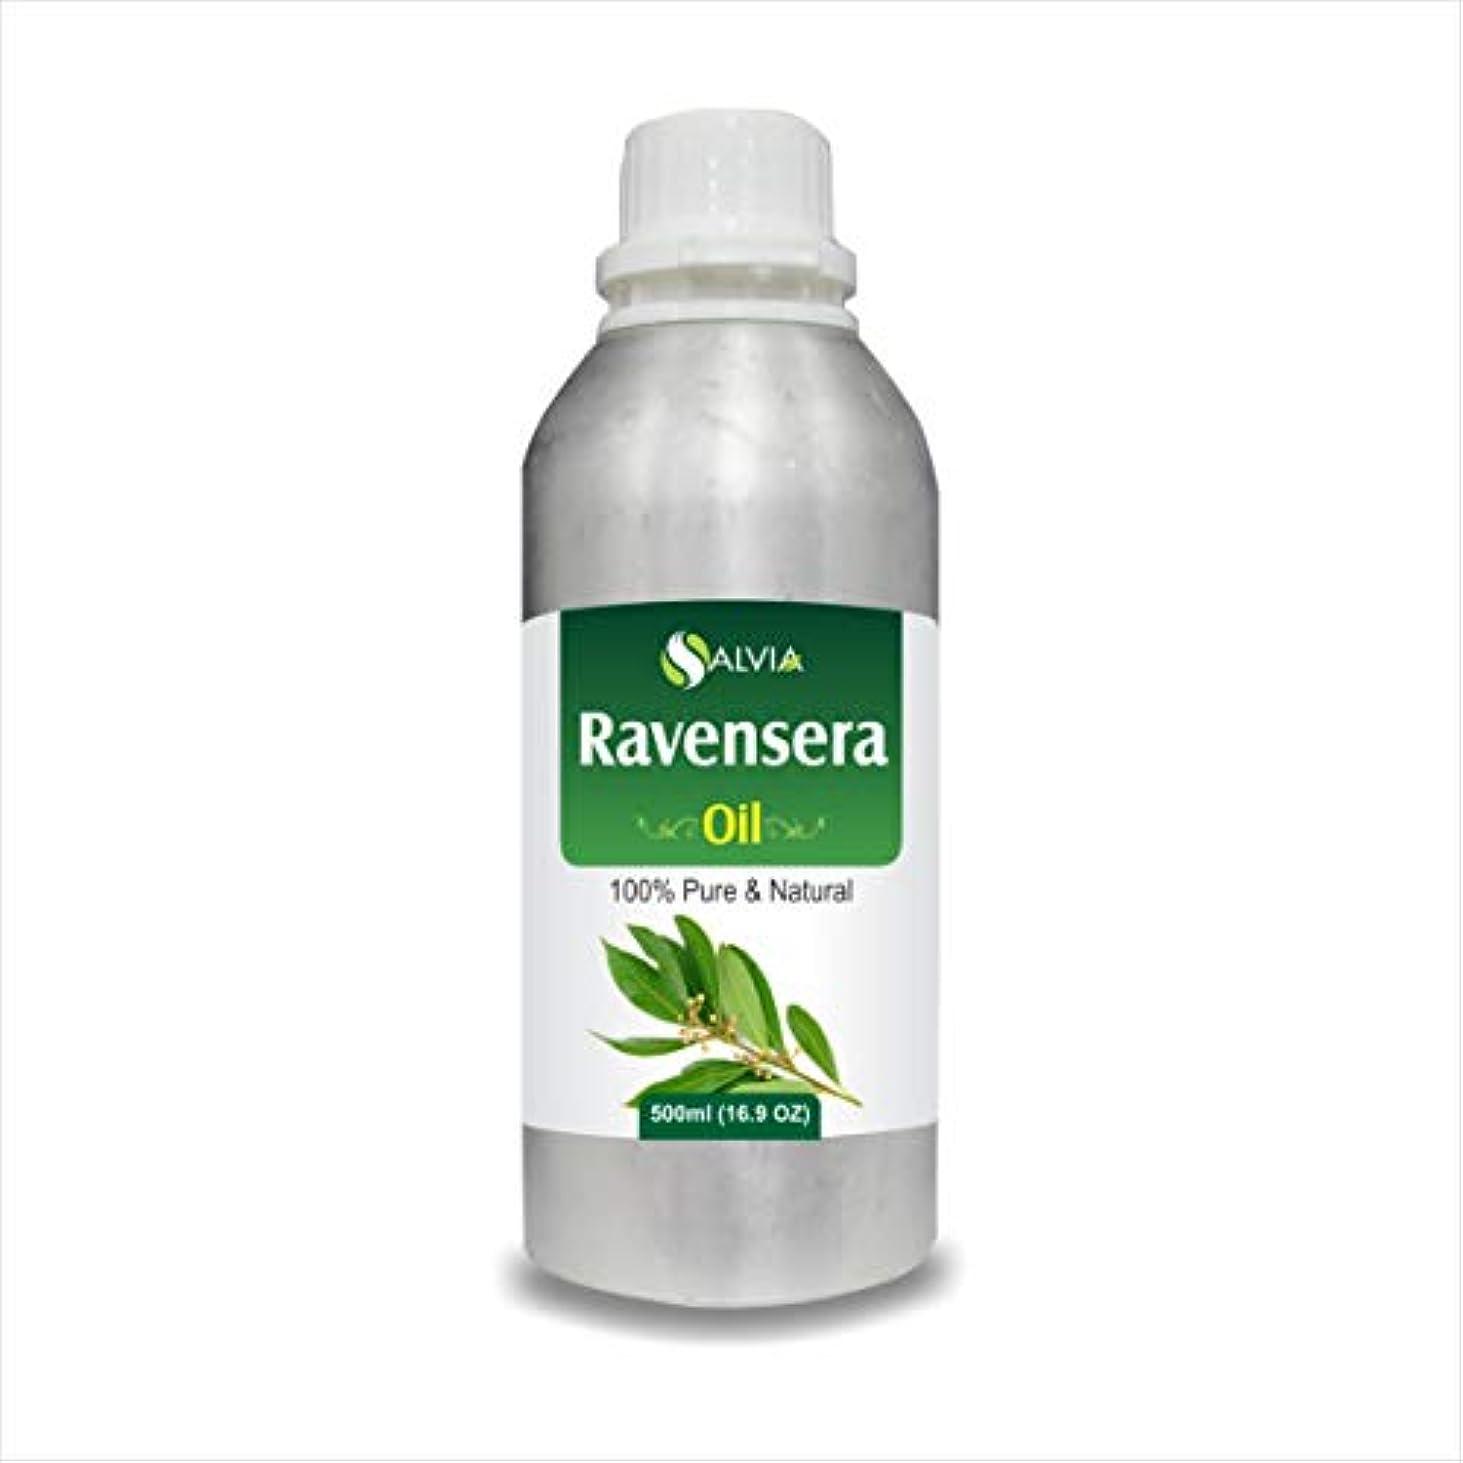 靴下演じるスズメバチRavensera Oil (Ravensara aromatic) 100% Natural Pure Undiluted Uncut Essential Oil 500ml